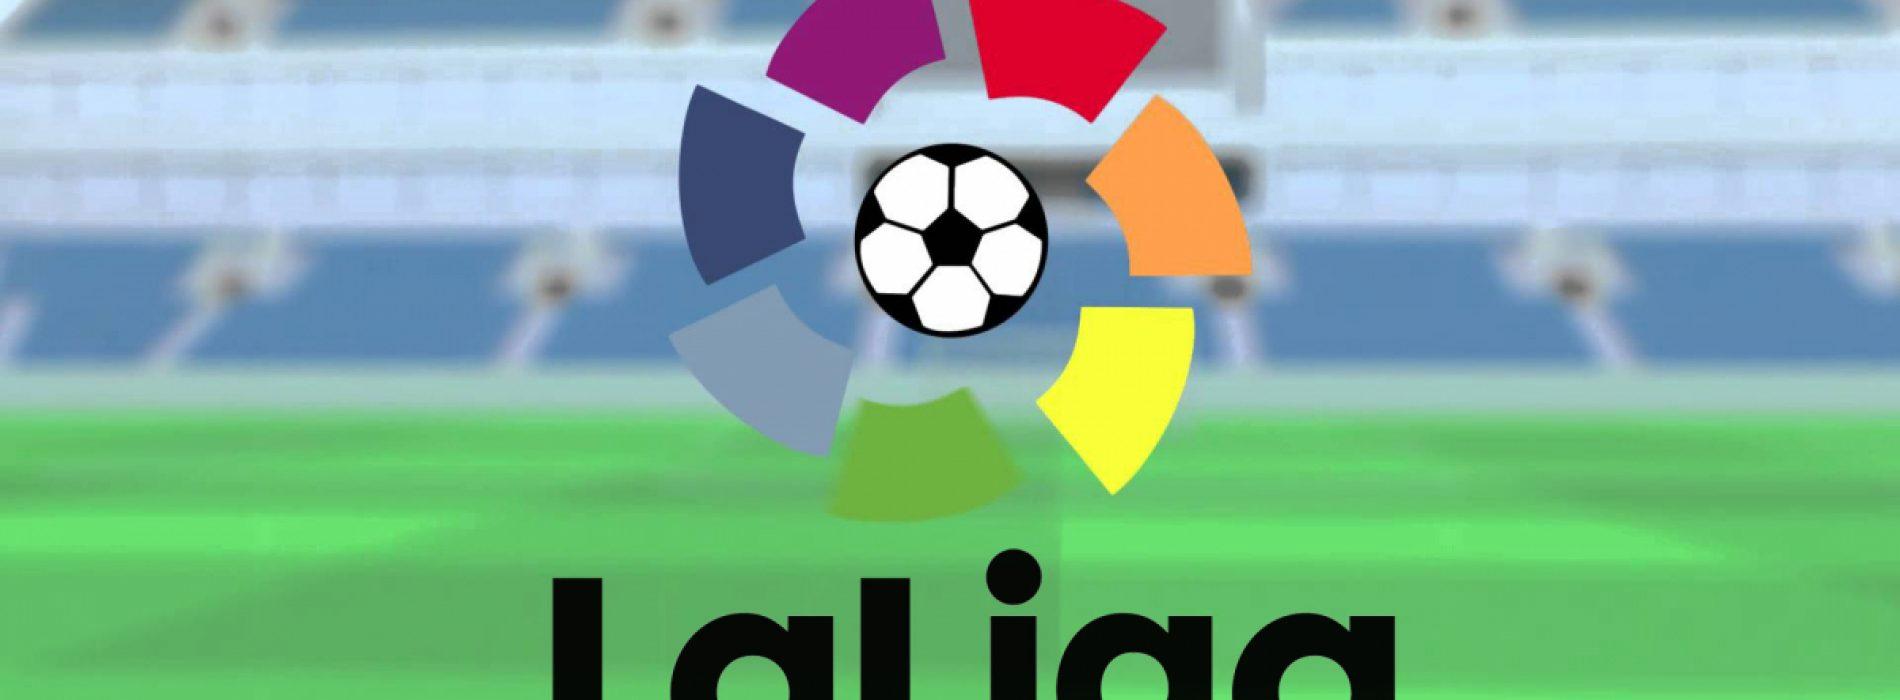 Liga: Il Barcellona pareggia a Bilbao, pari anche per il Siviglia